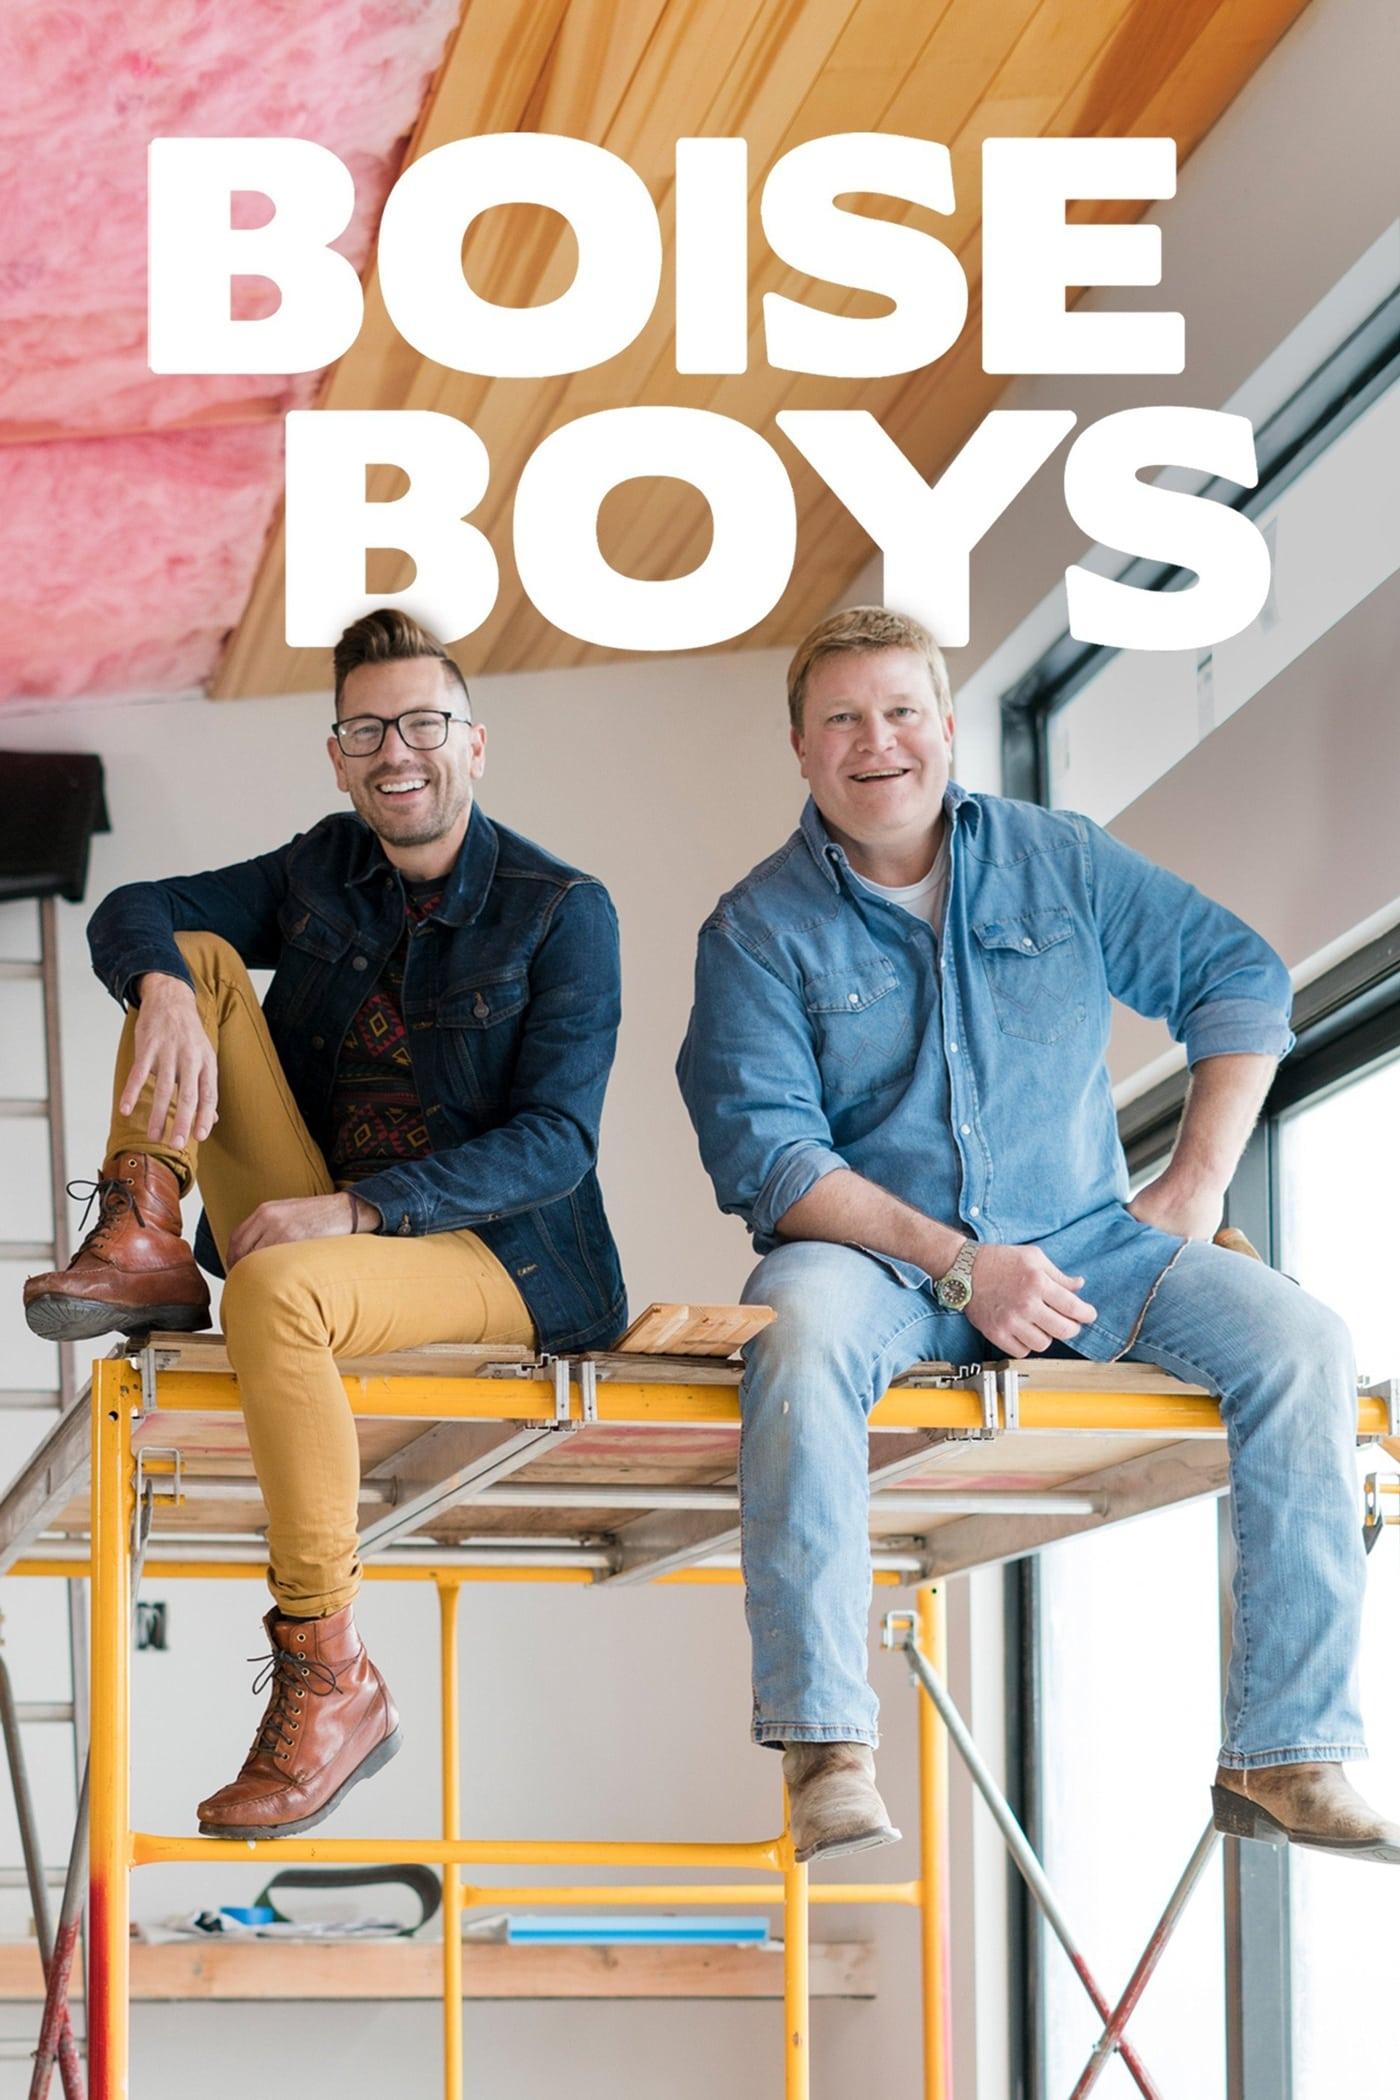 Boise Boys (2017)